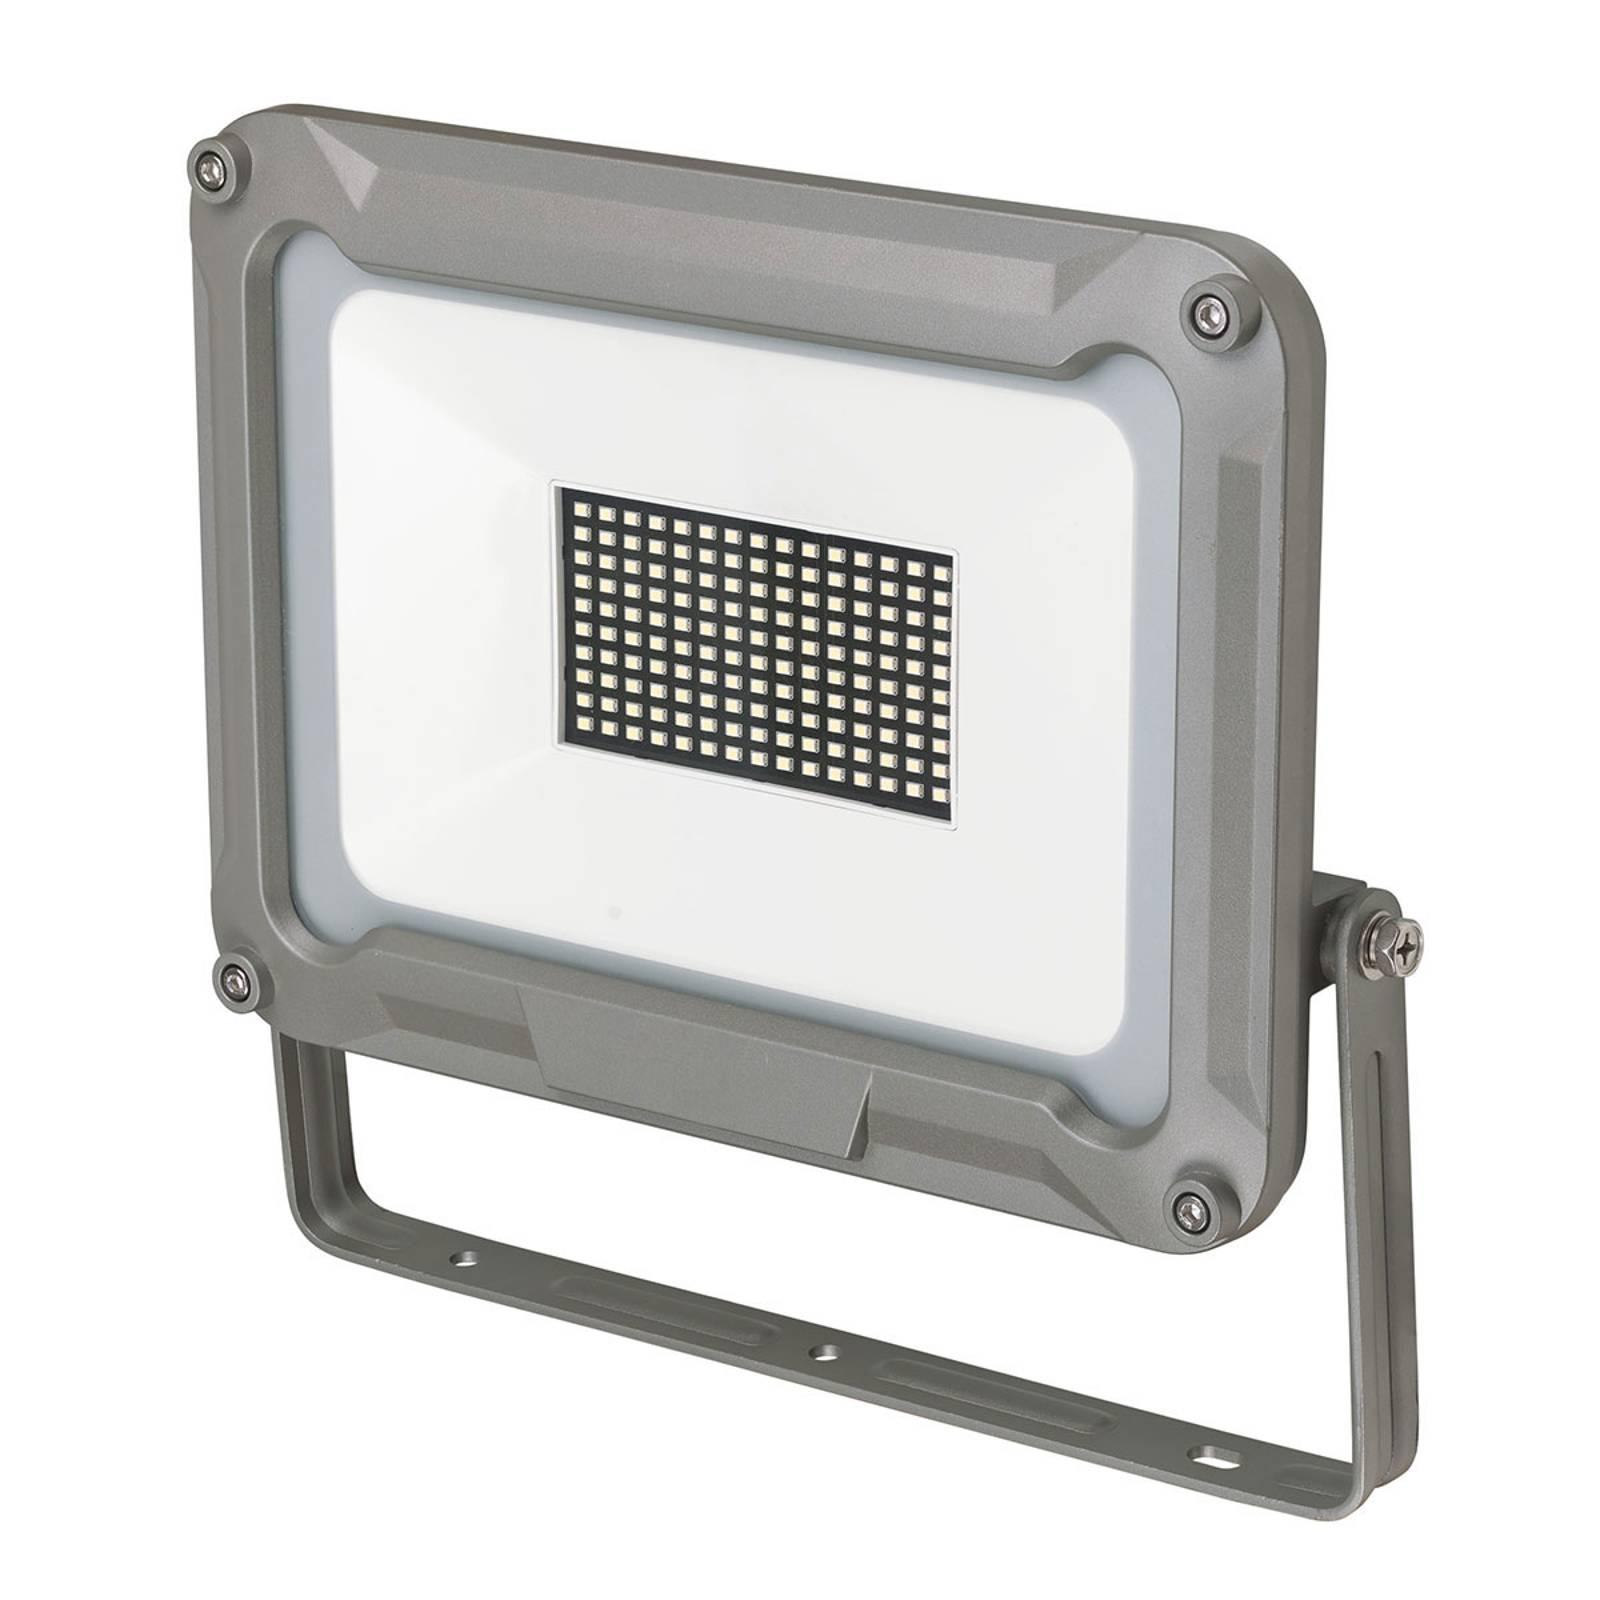 LED buitenspot Jaro voor de montage IP65 100W